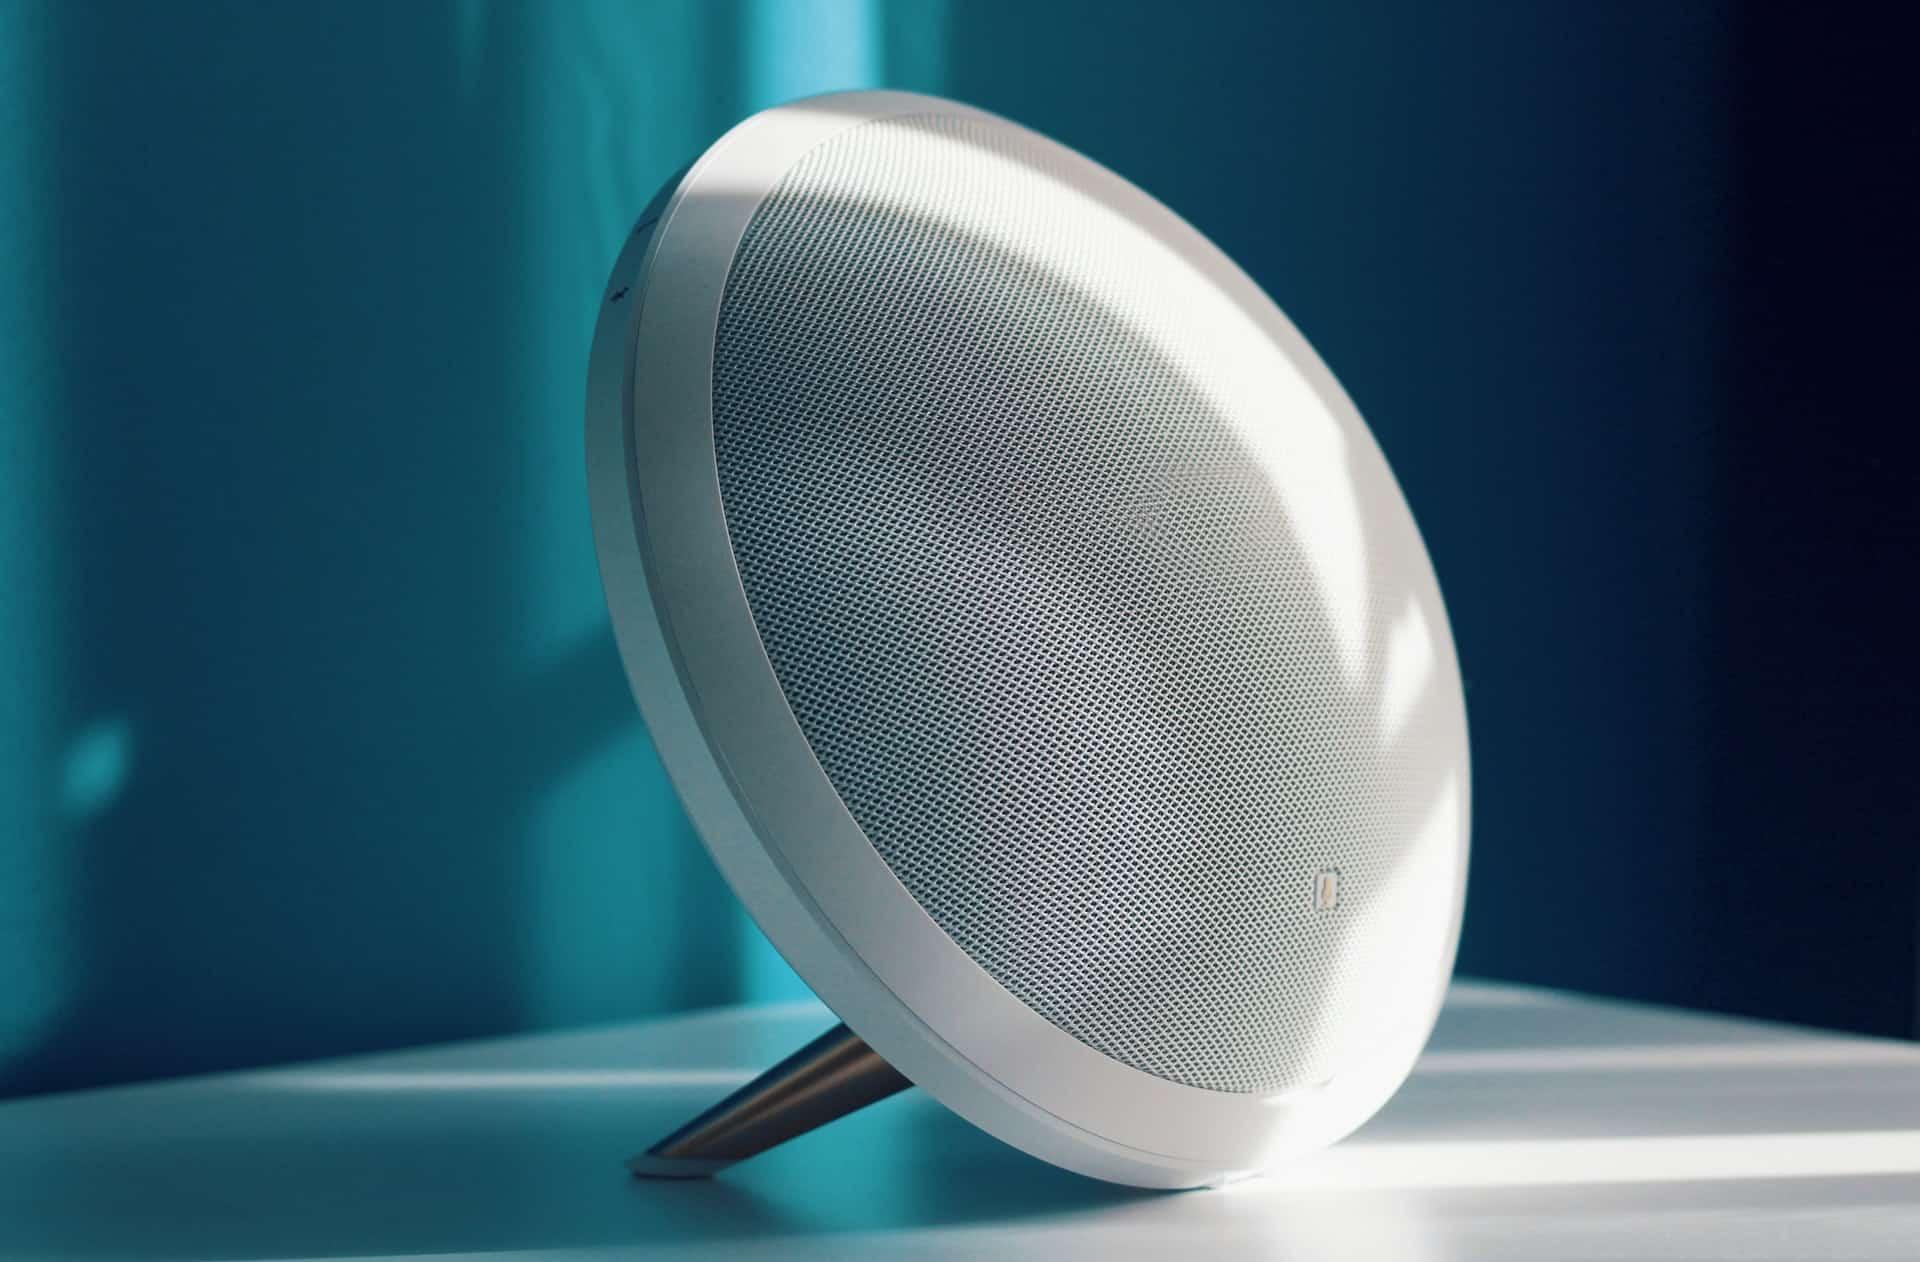 Funklautsprecher: Test & Empfehlungen (09/20)